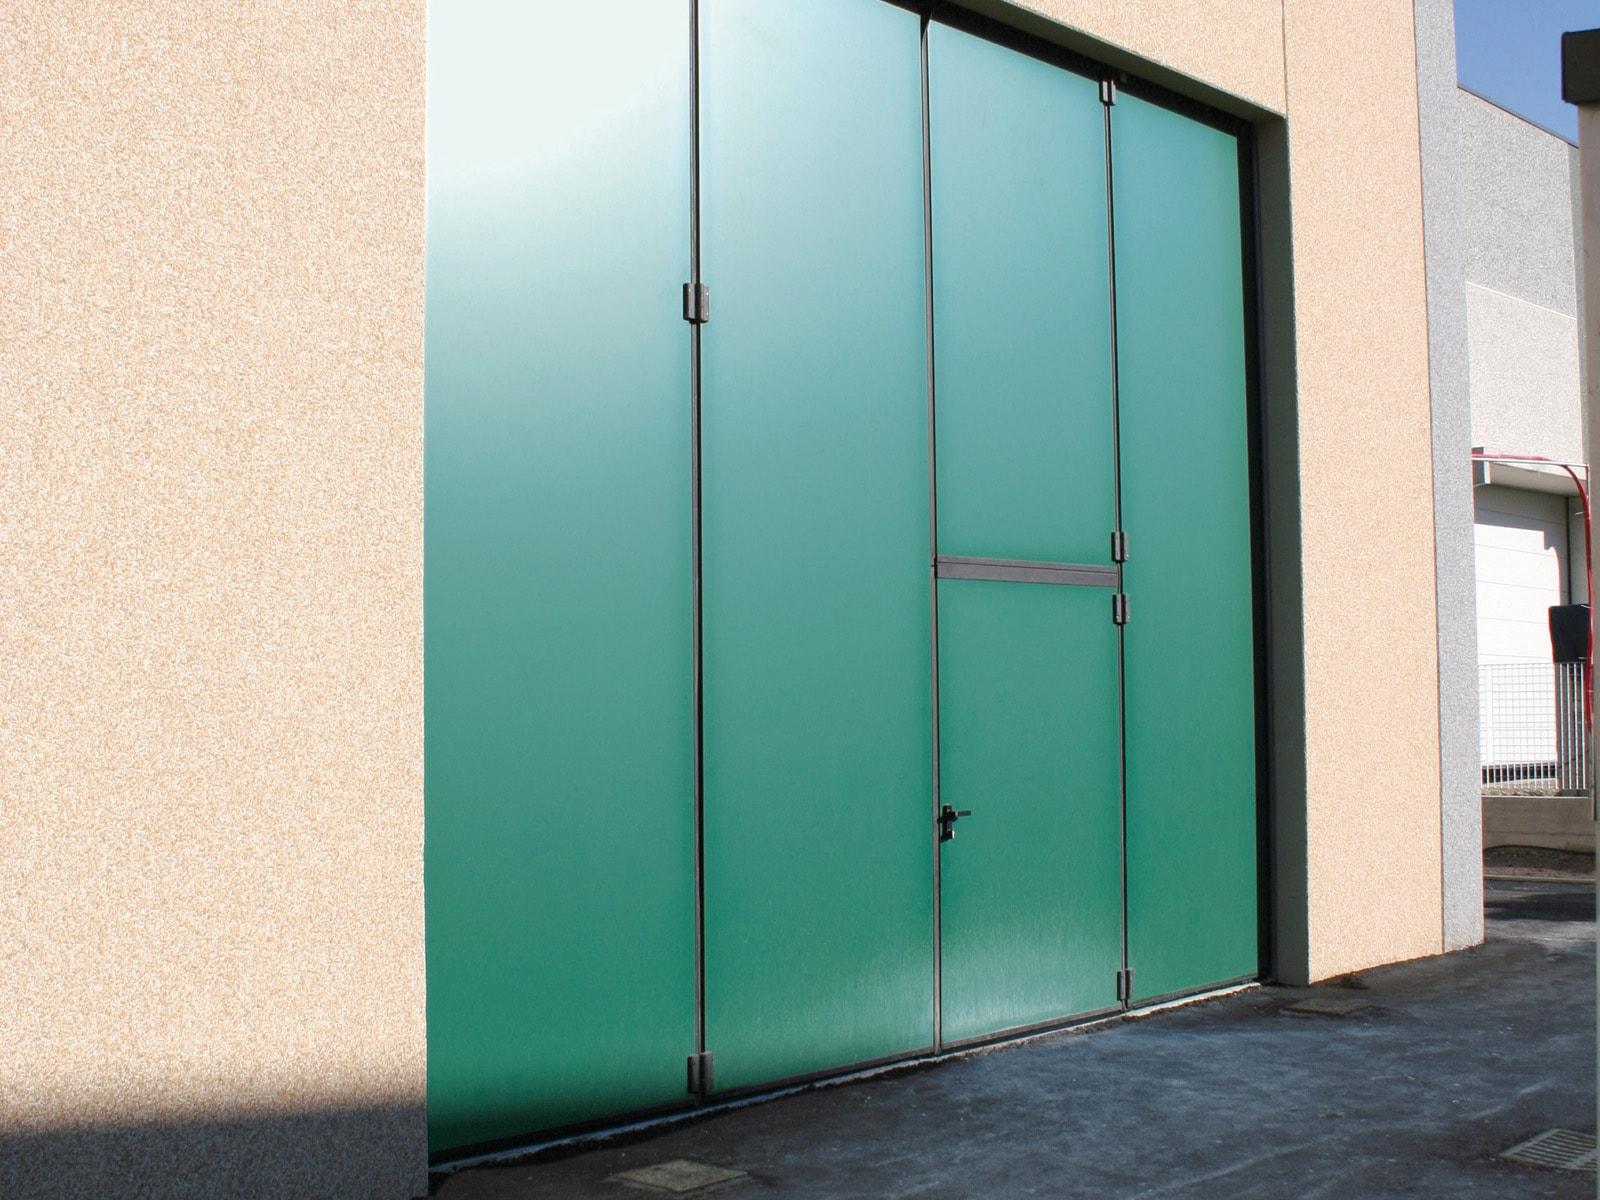 Portone a libro industriale ADONE - Verde RAL 6005 anta tagliata